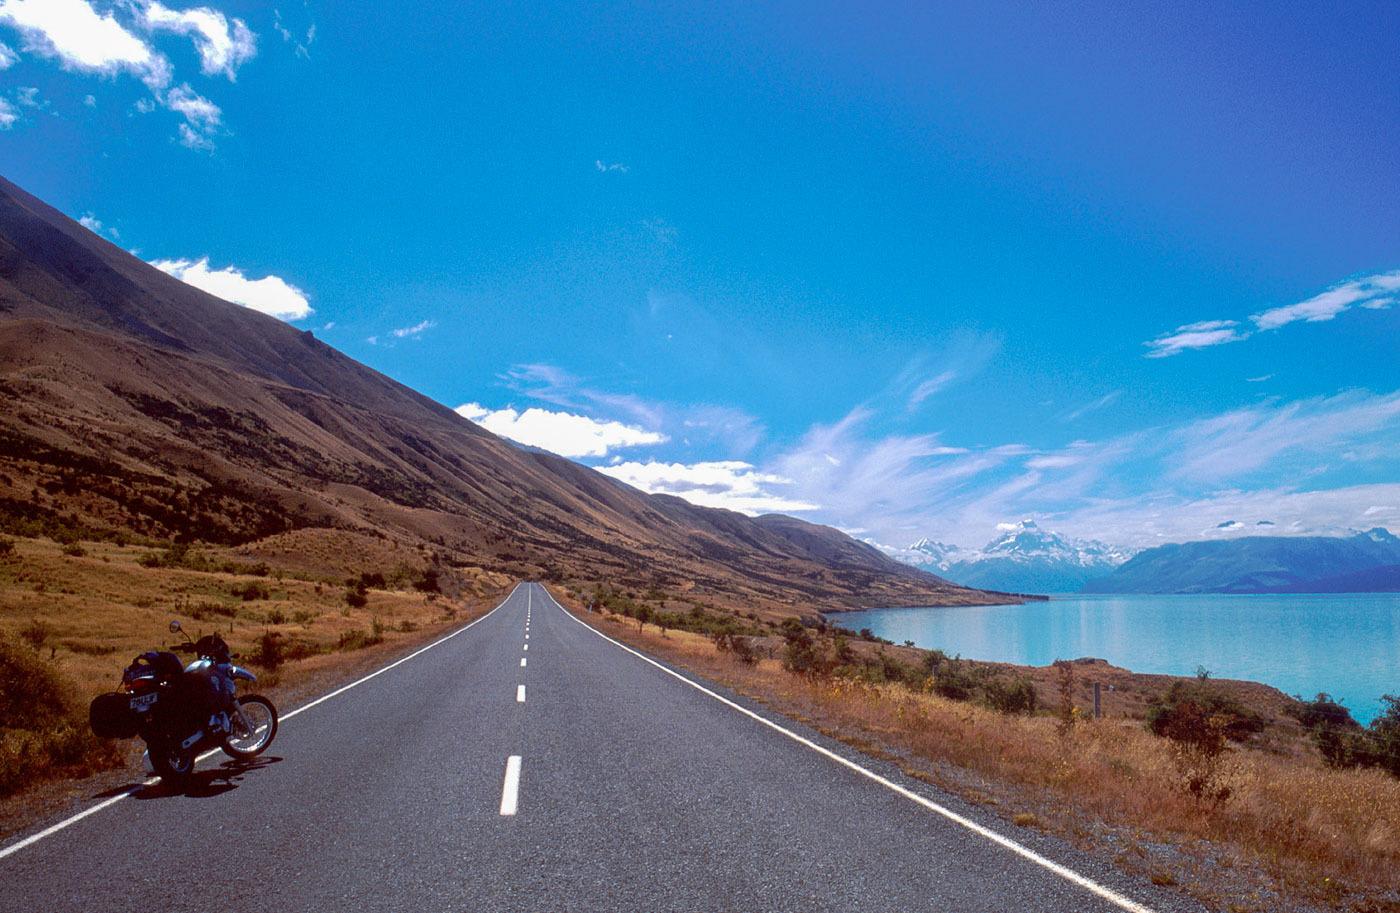 ニュージーランドをバイクで旅する・・・(3)_e0110874_22534623.jpg